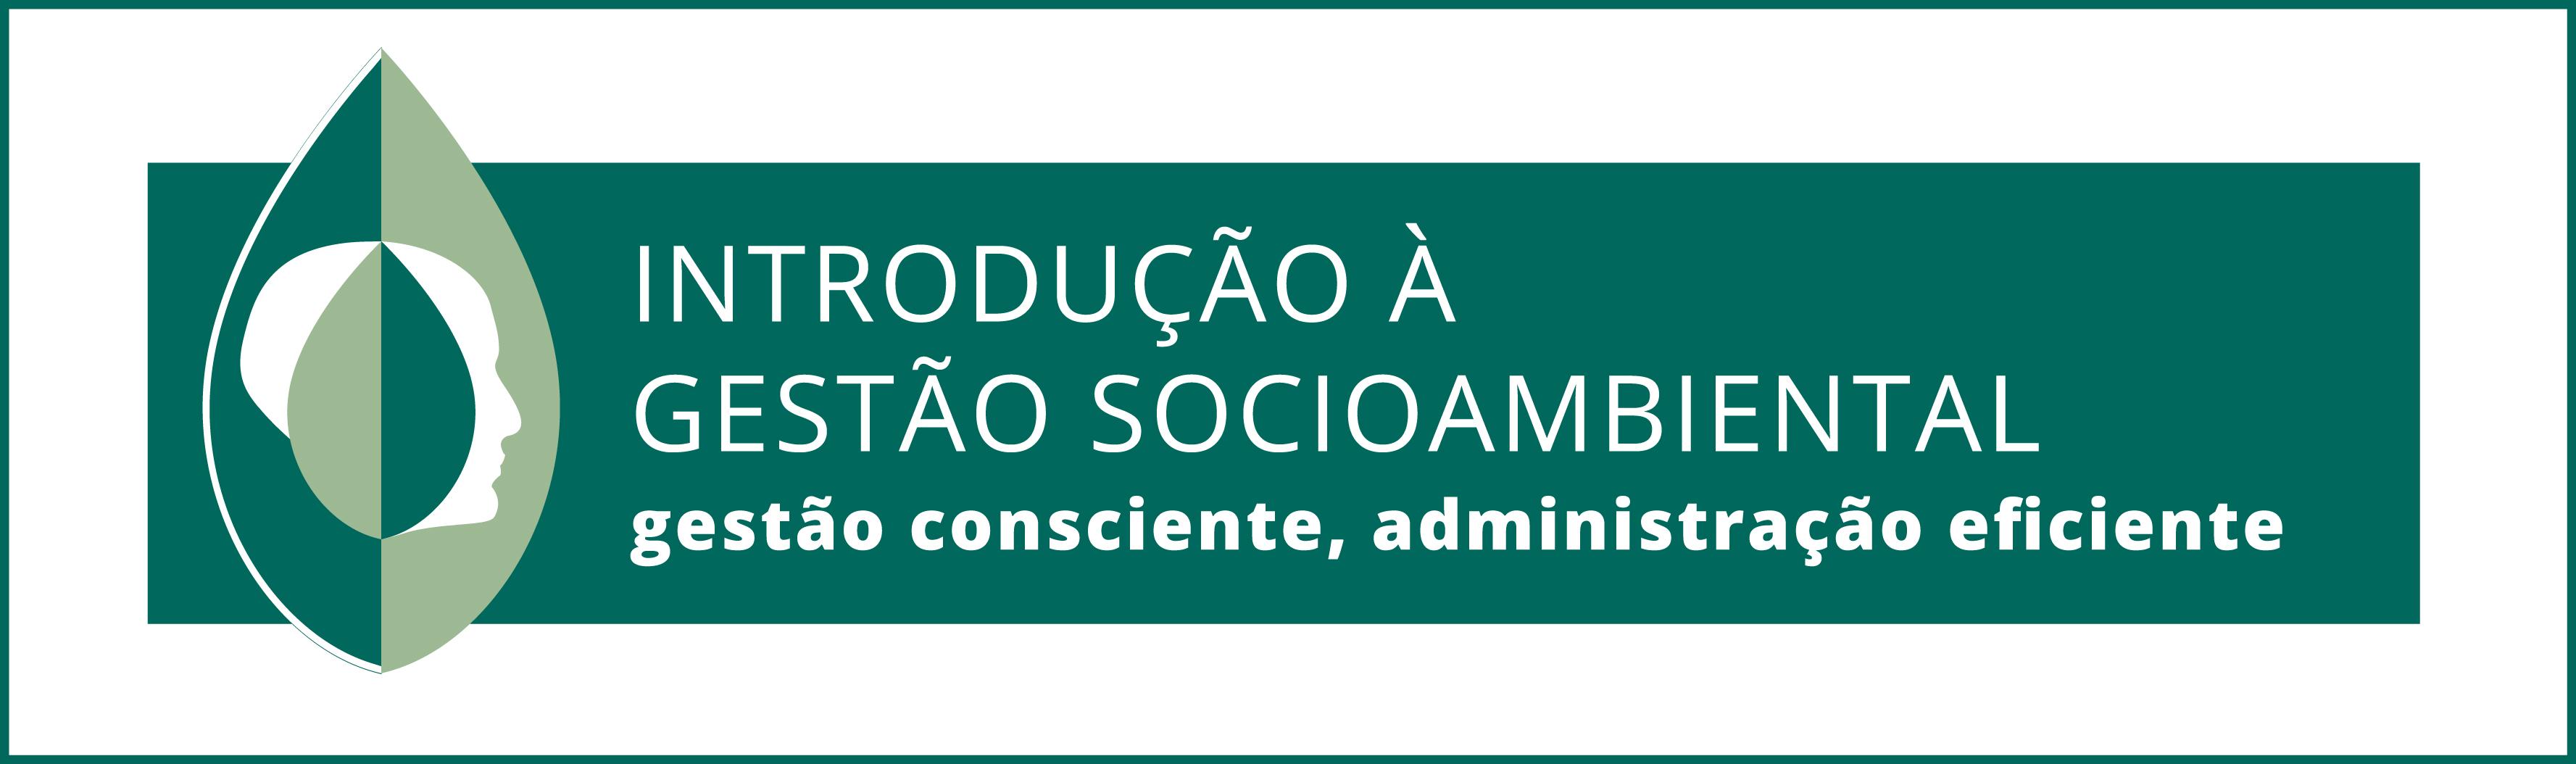 Course Image Introdução à Gestão Socioambiental 1811004